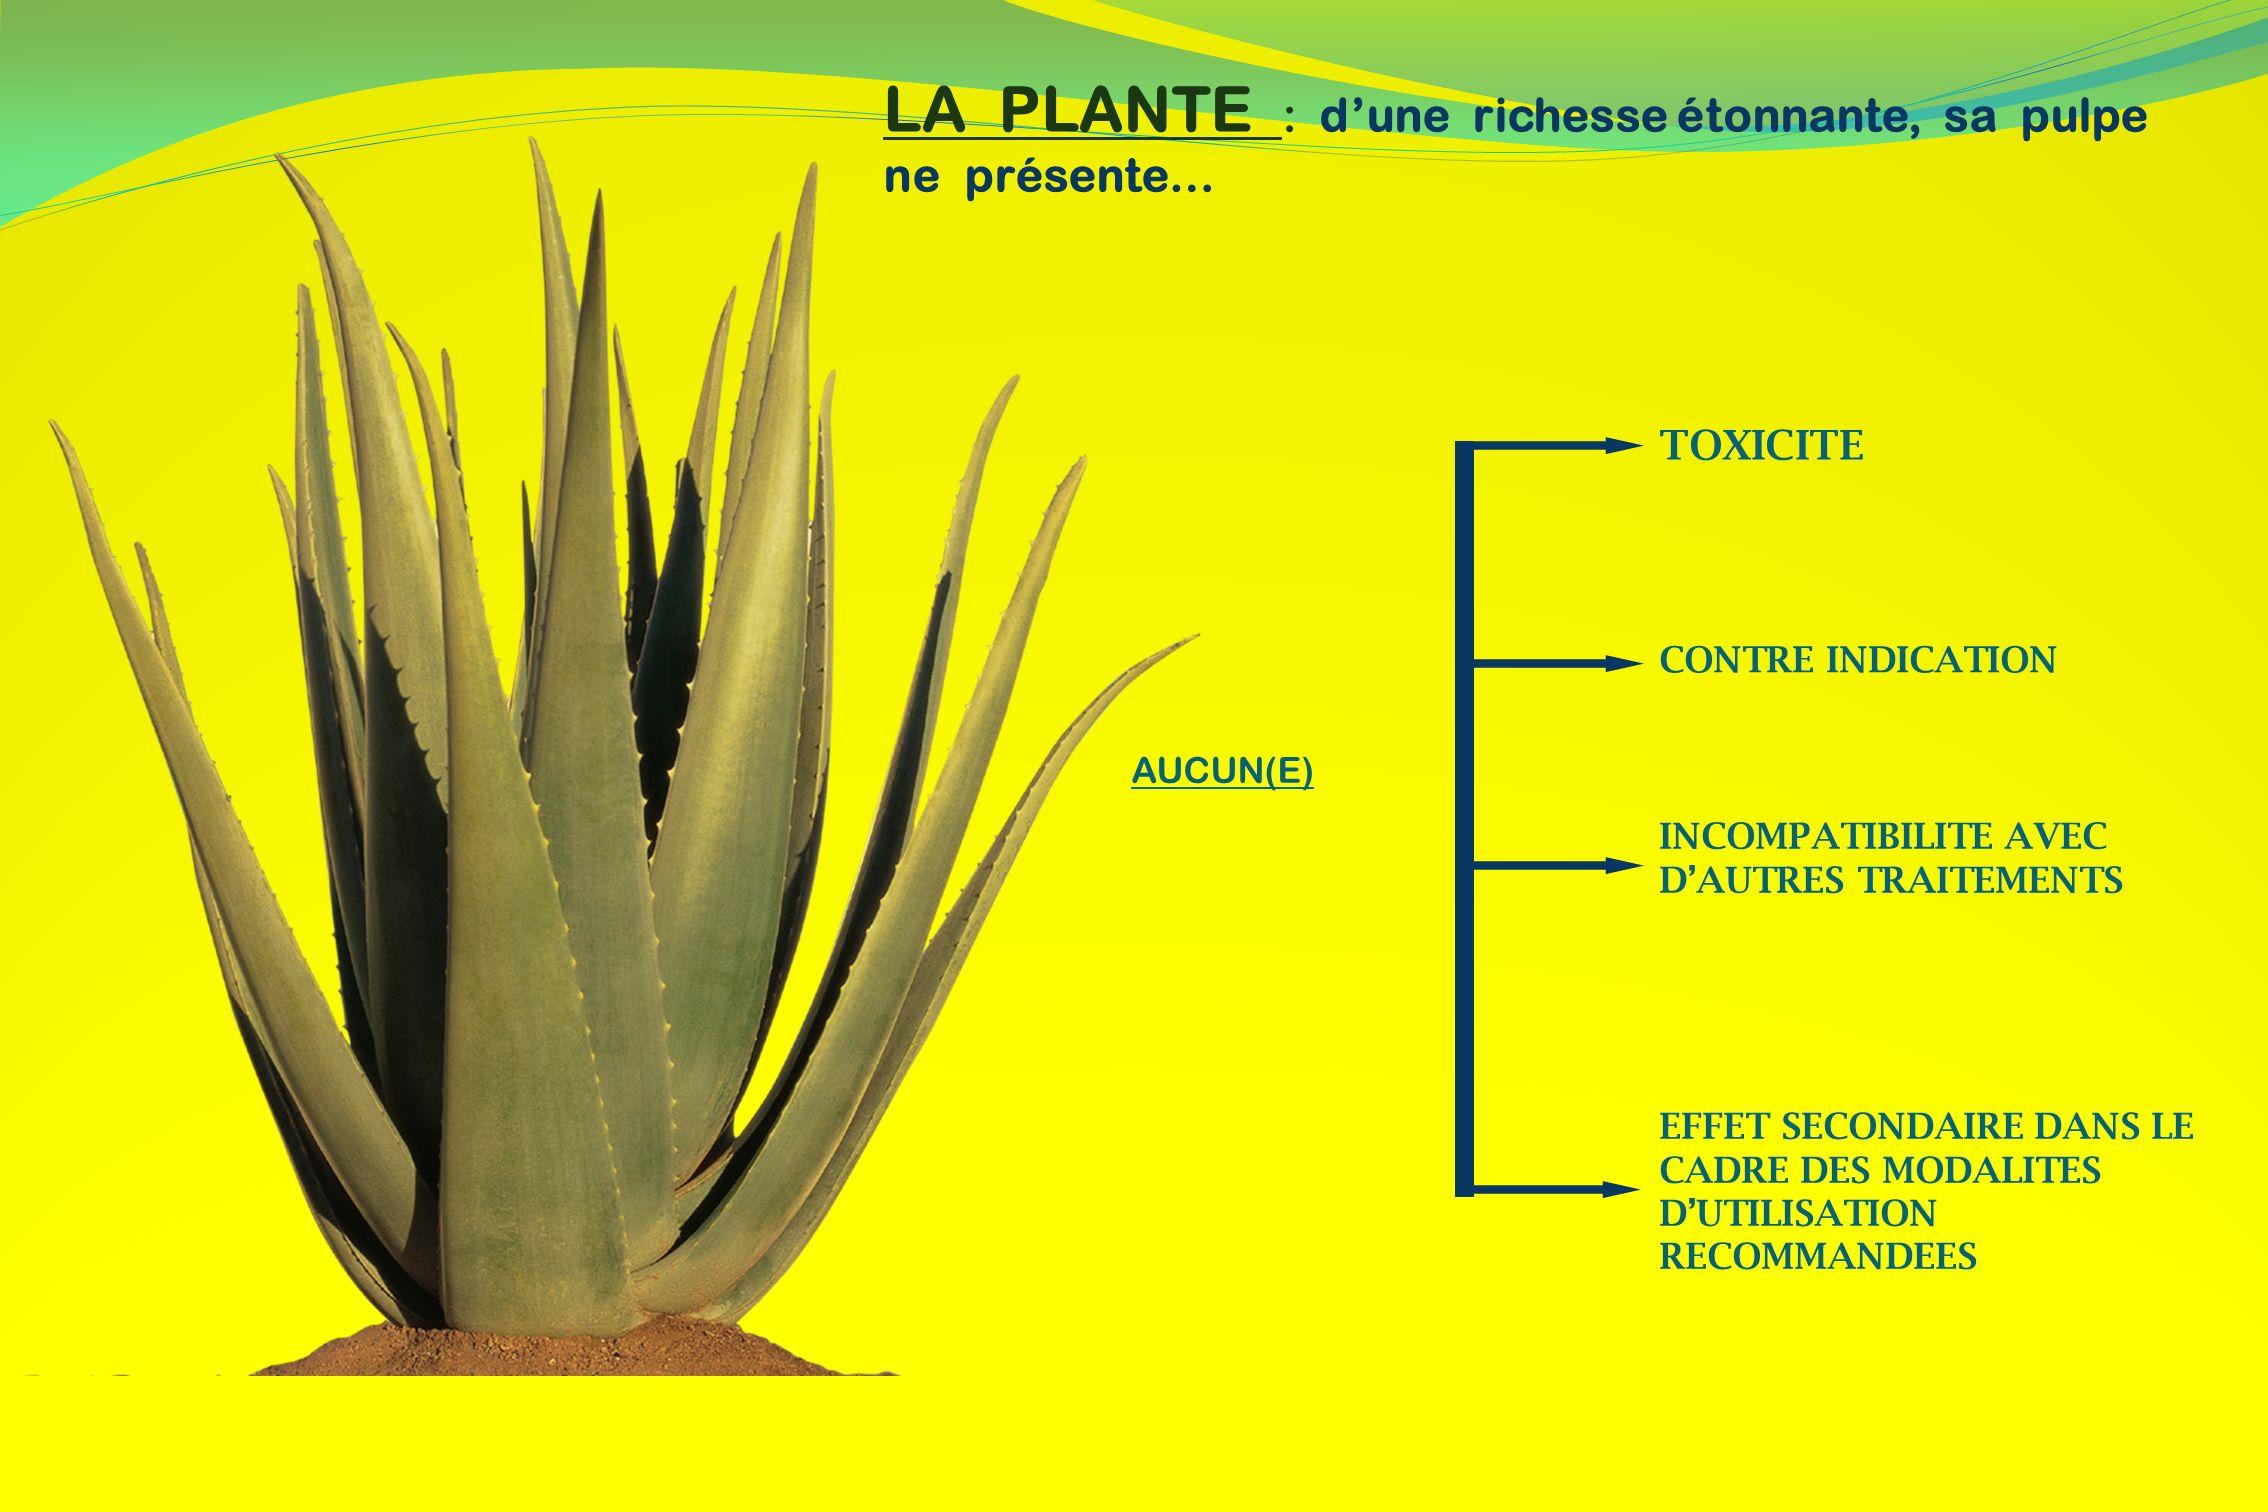 LA PLANTE : d'une richesse étonnante, sa pulpe ne présente…